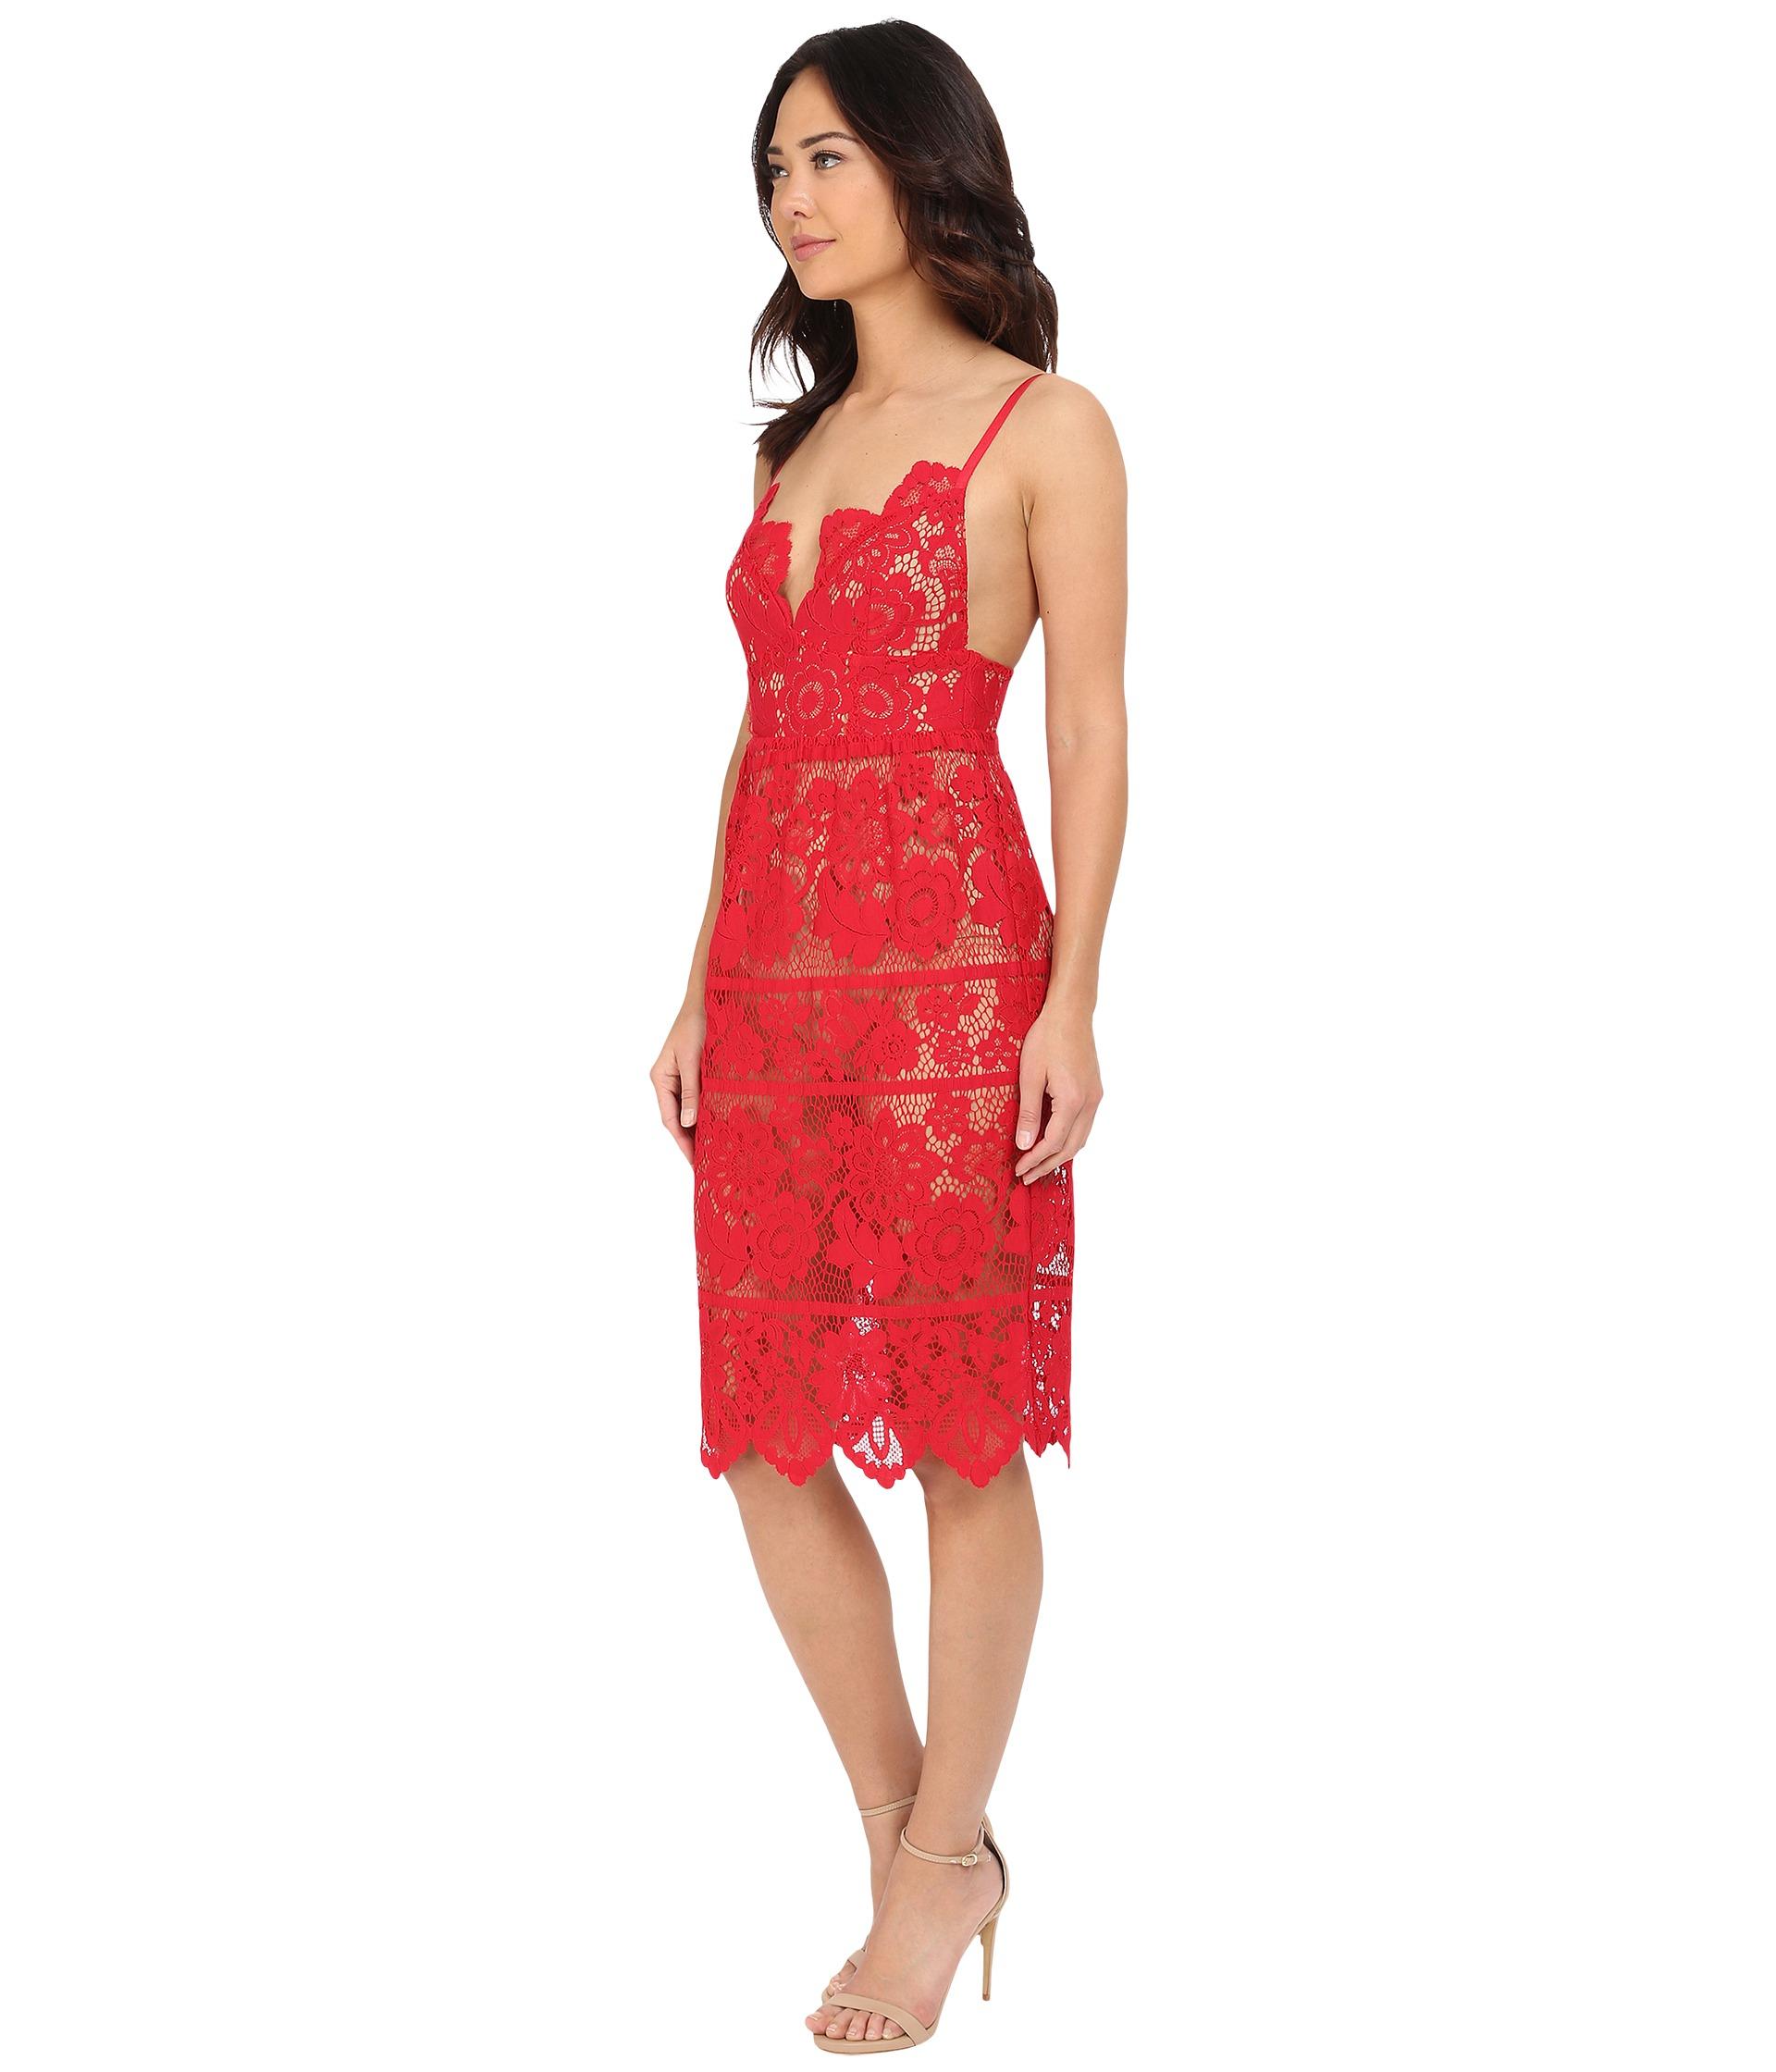 3c6eaca228bcb For Love & Lemons Gianna Dress in Red - Lyst